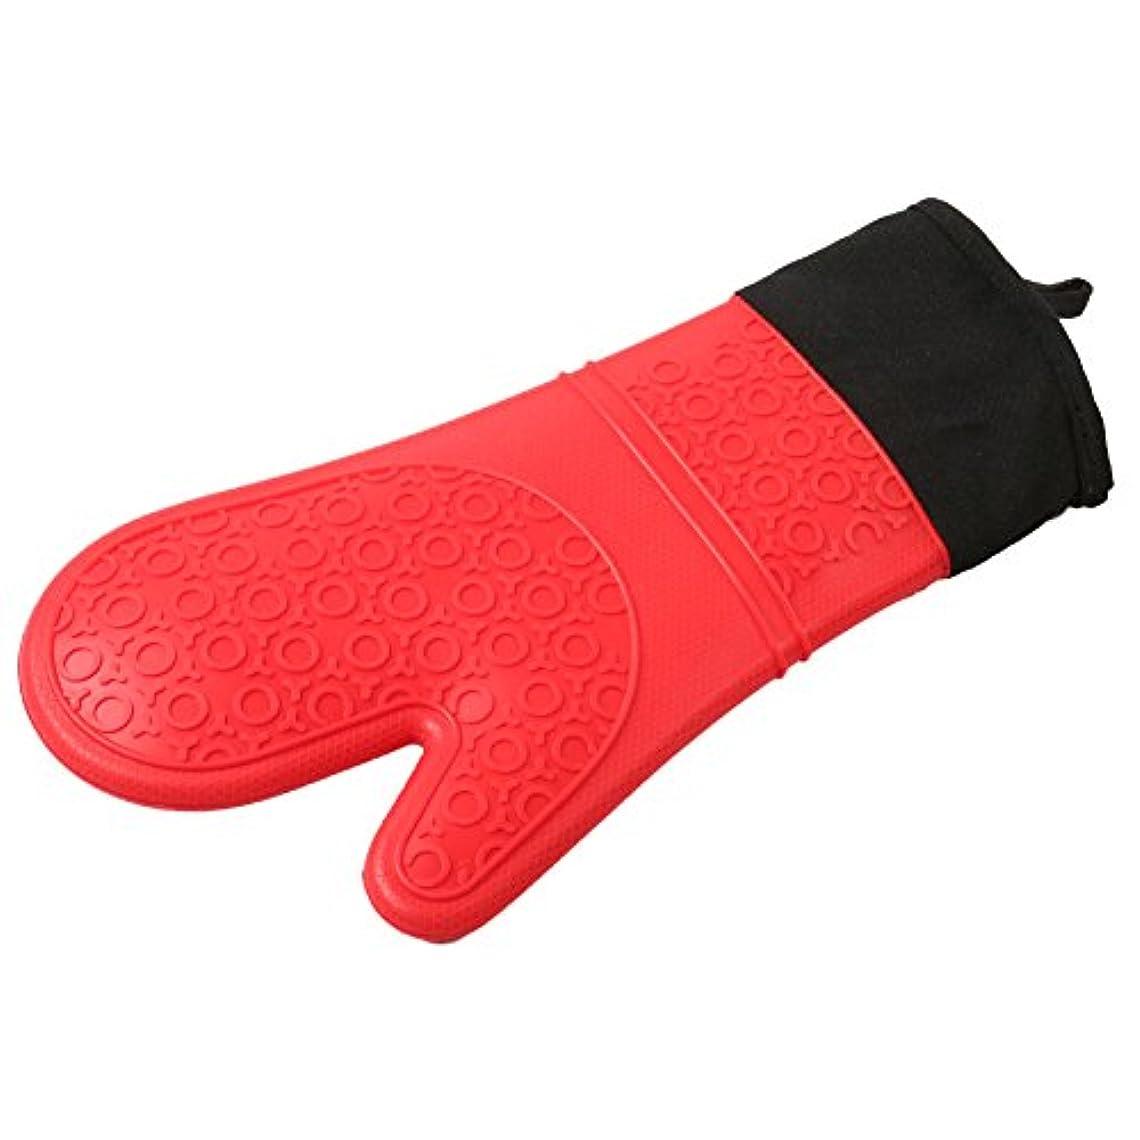 励起値同一性OUYOU 耐熱グローブ シリコンチェック 耐熱温度300℃ キッチングローブ オーブンミトン シリコン手袋 滑り止め クッキング用 フリーサイズ 2個セット